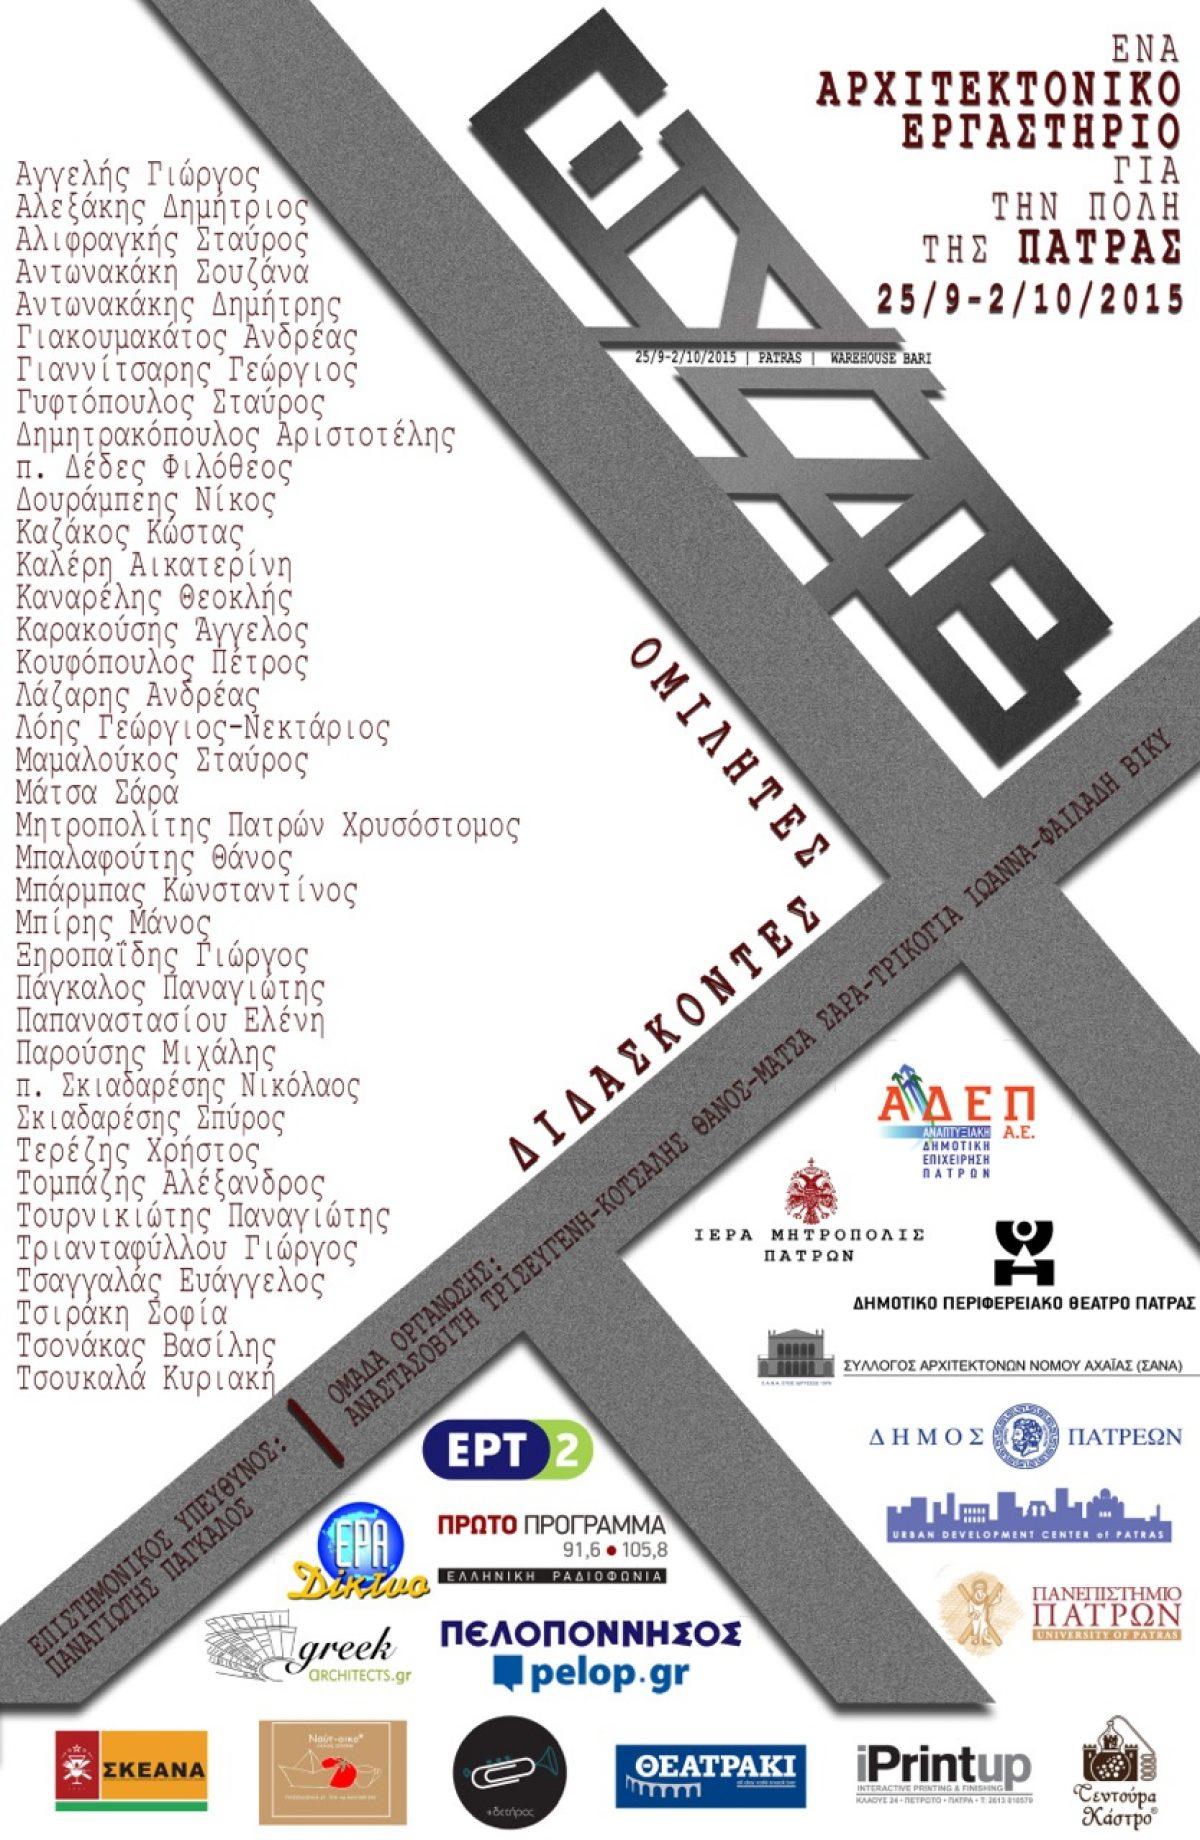 Αρχιτεκτονικό Εργαστήριο για την πόλη της Πάτρας, 25/9 έως 2/10/2015